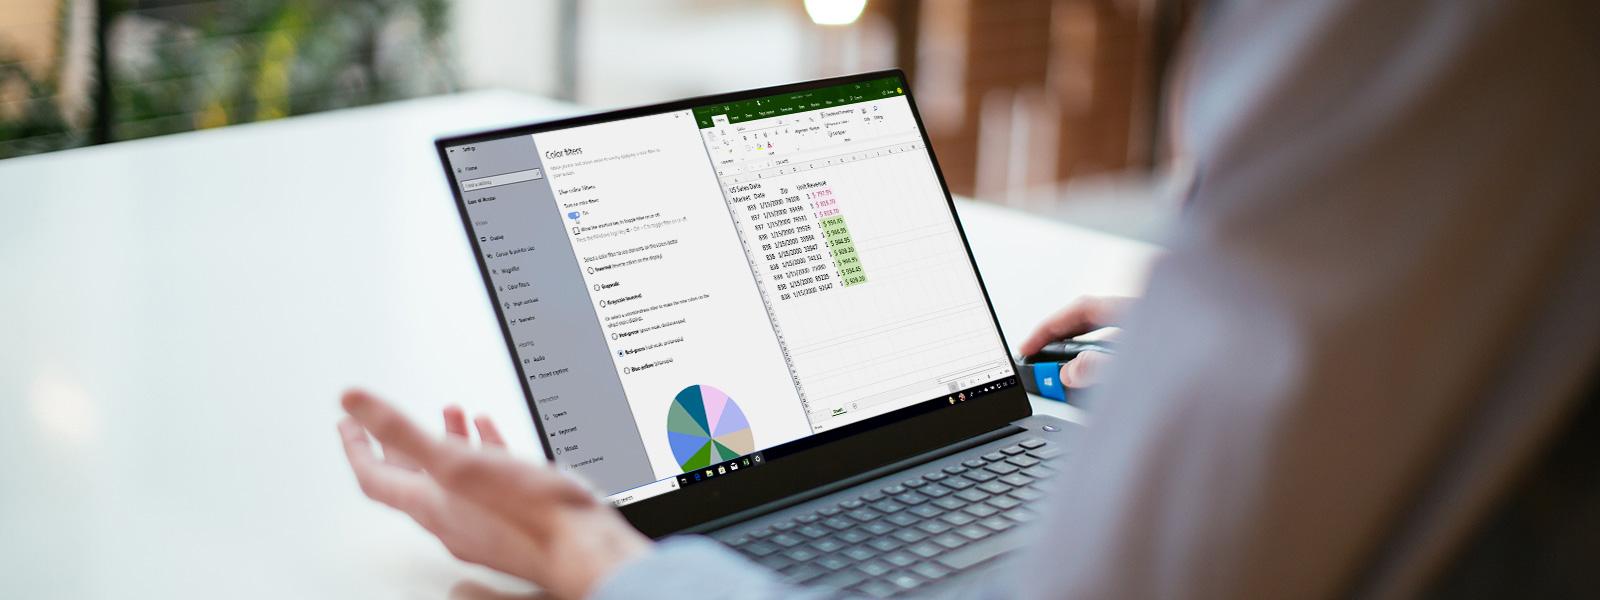 Човек, използващ лаптоп с разрешени цветови филтри в Windows 10